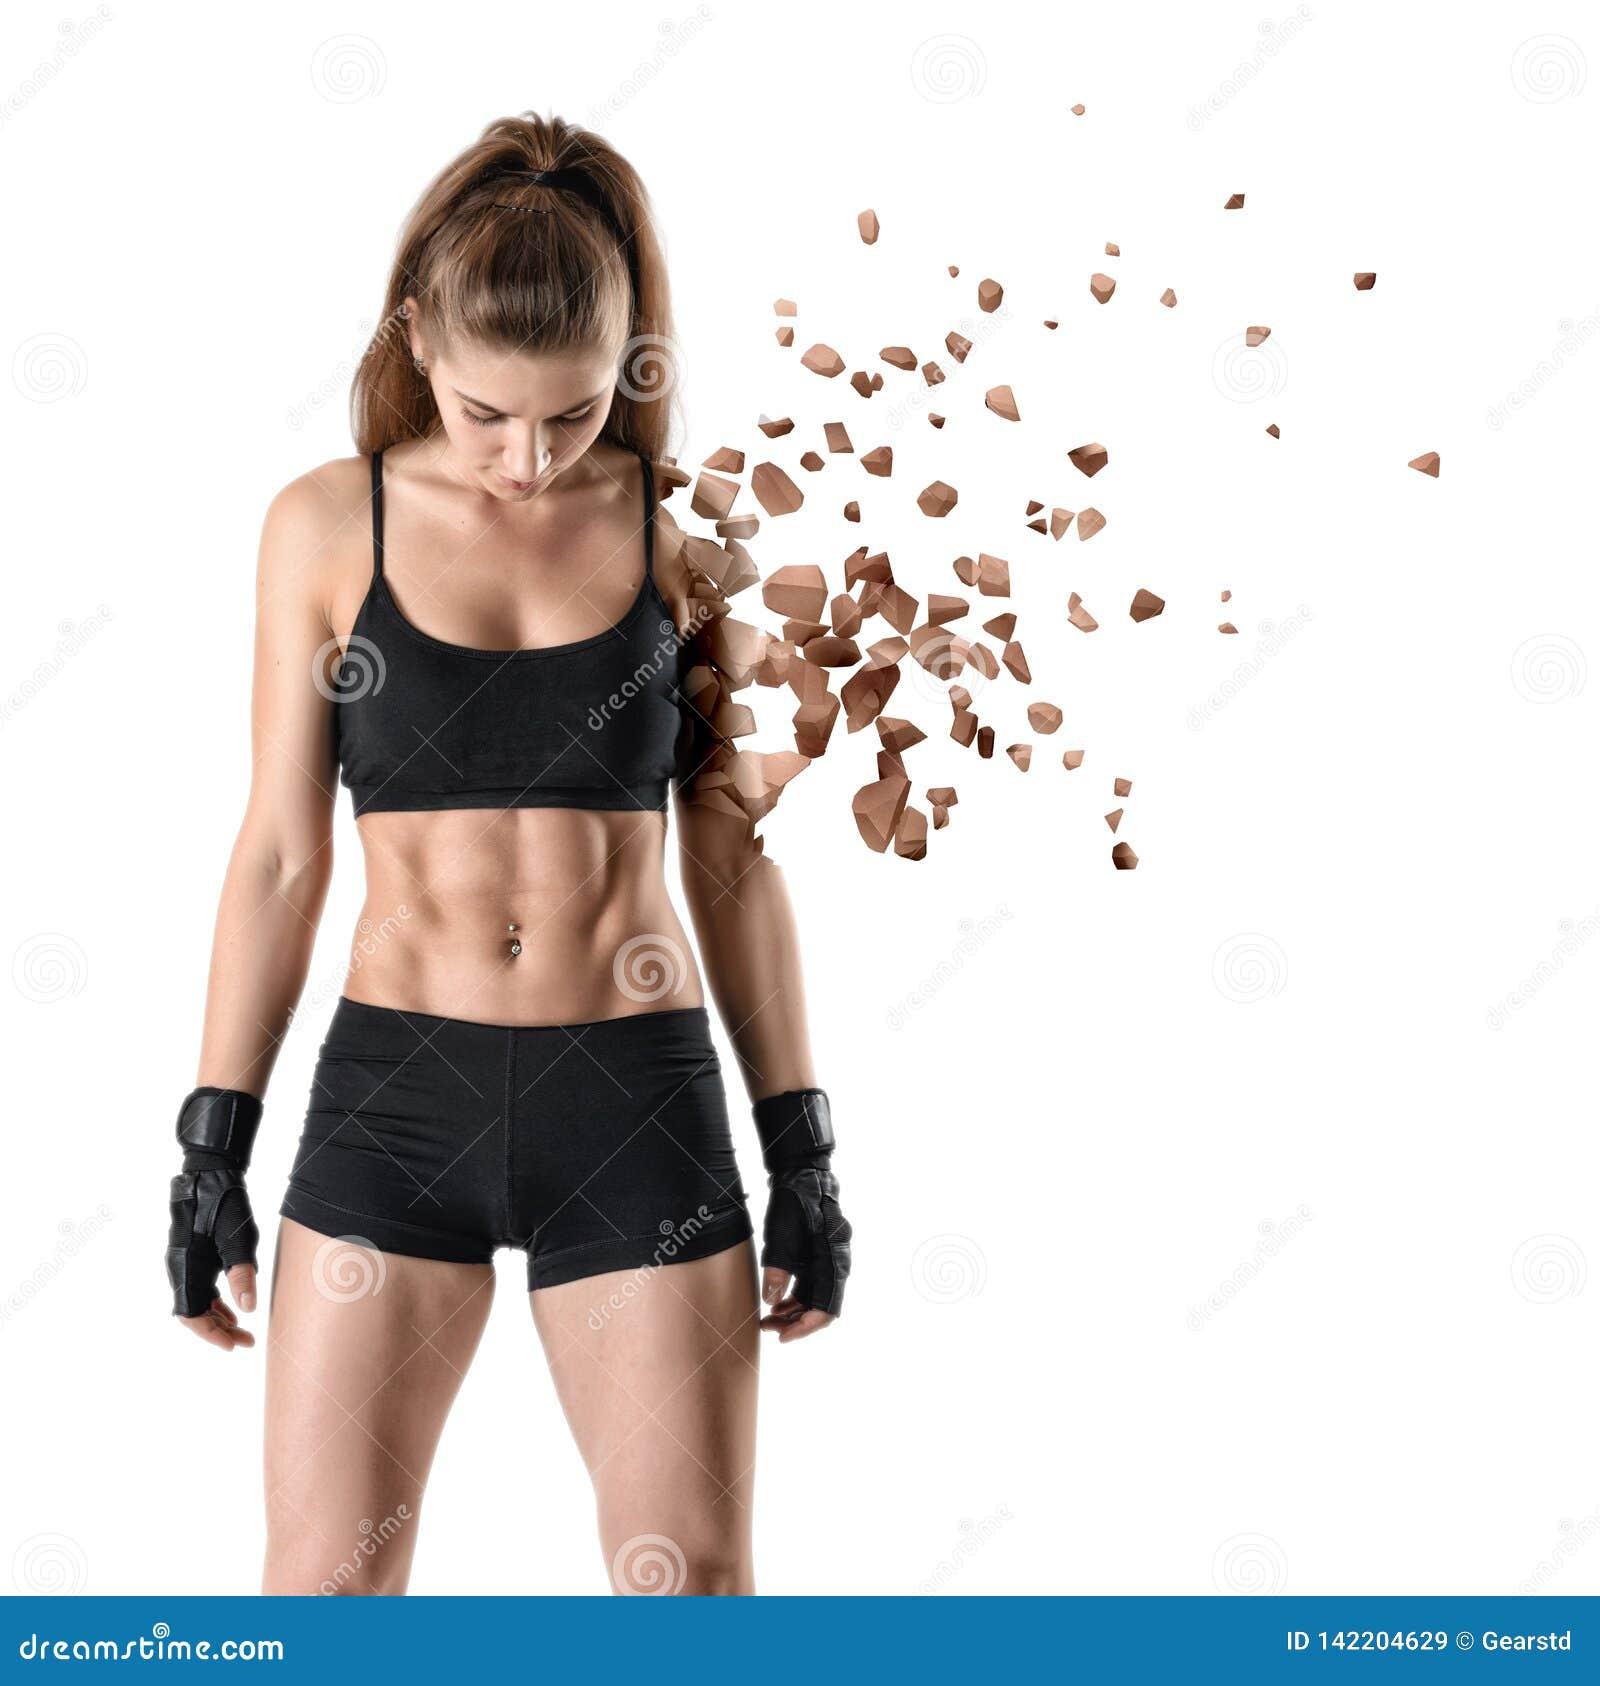 De jonge geschikte vrouw die in gymnastiekkleren, één die wapen loste praktisch in deeltjes op neer kijken, op witte achtergrond